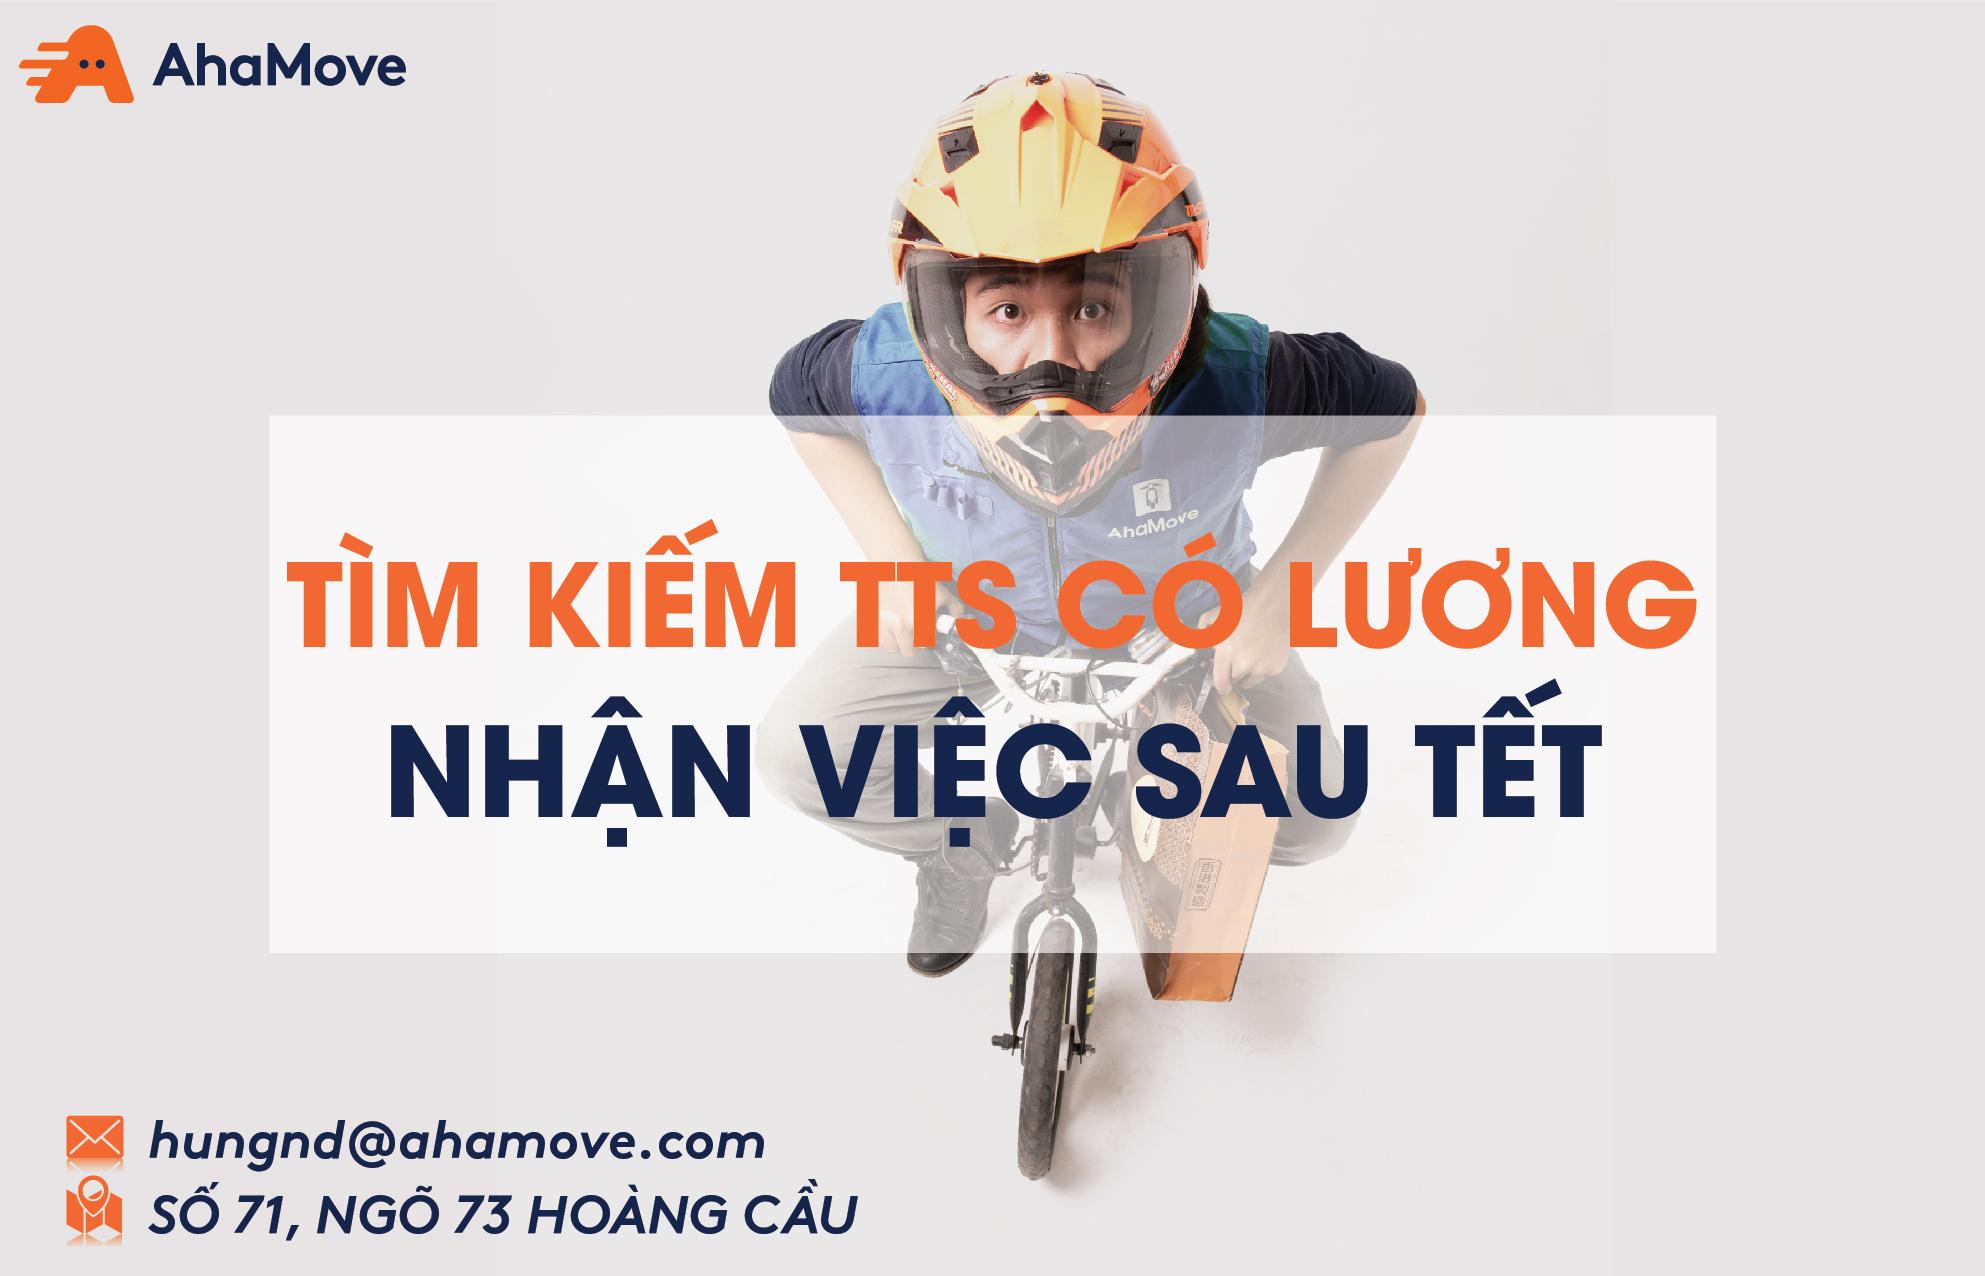 [Startup-HN] AhaMove Tuyển Dụng CTV, Thực Tập Sinh Tổng Đài/ Hỗ Trợ Khách Hàng Part-time/Full-time 2018 (Đi Làm Sau Tết)